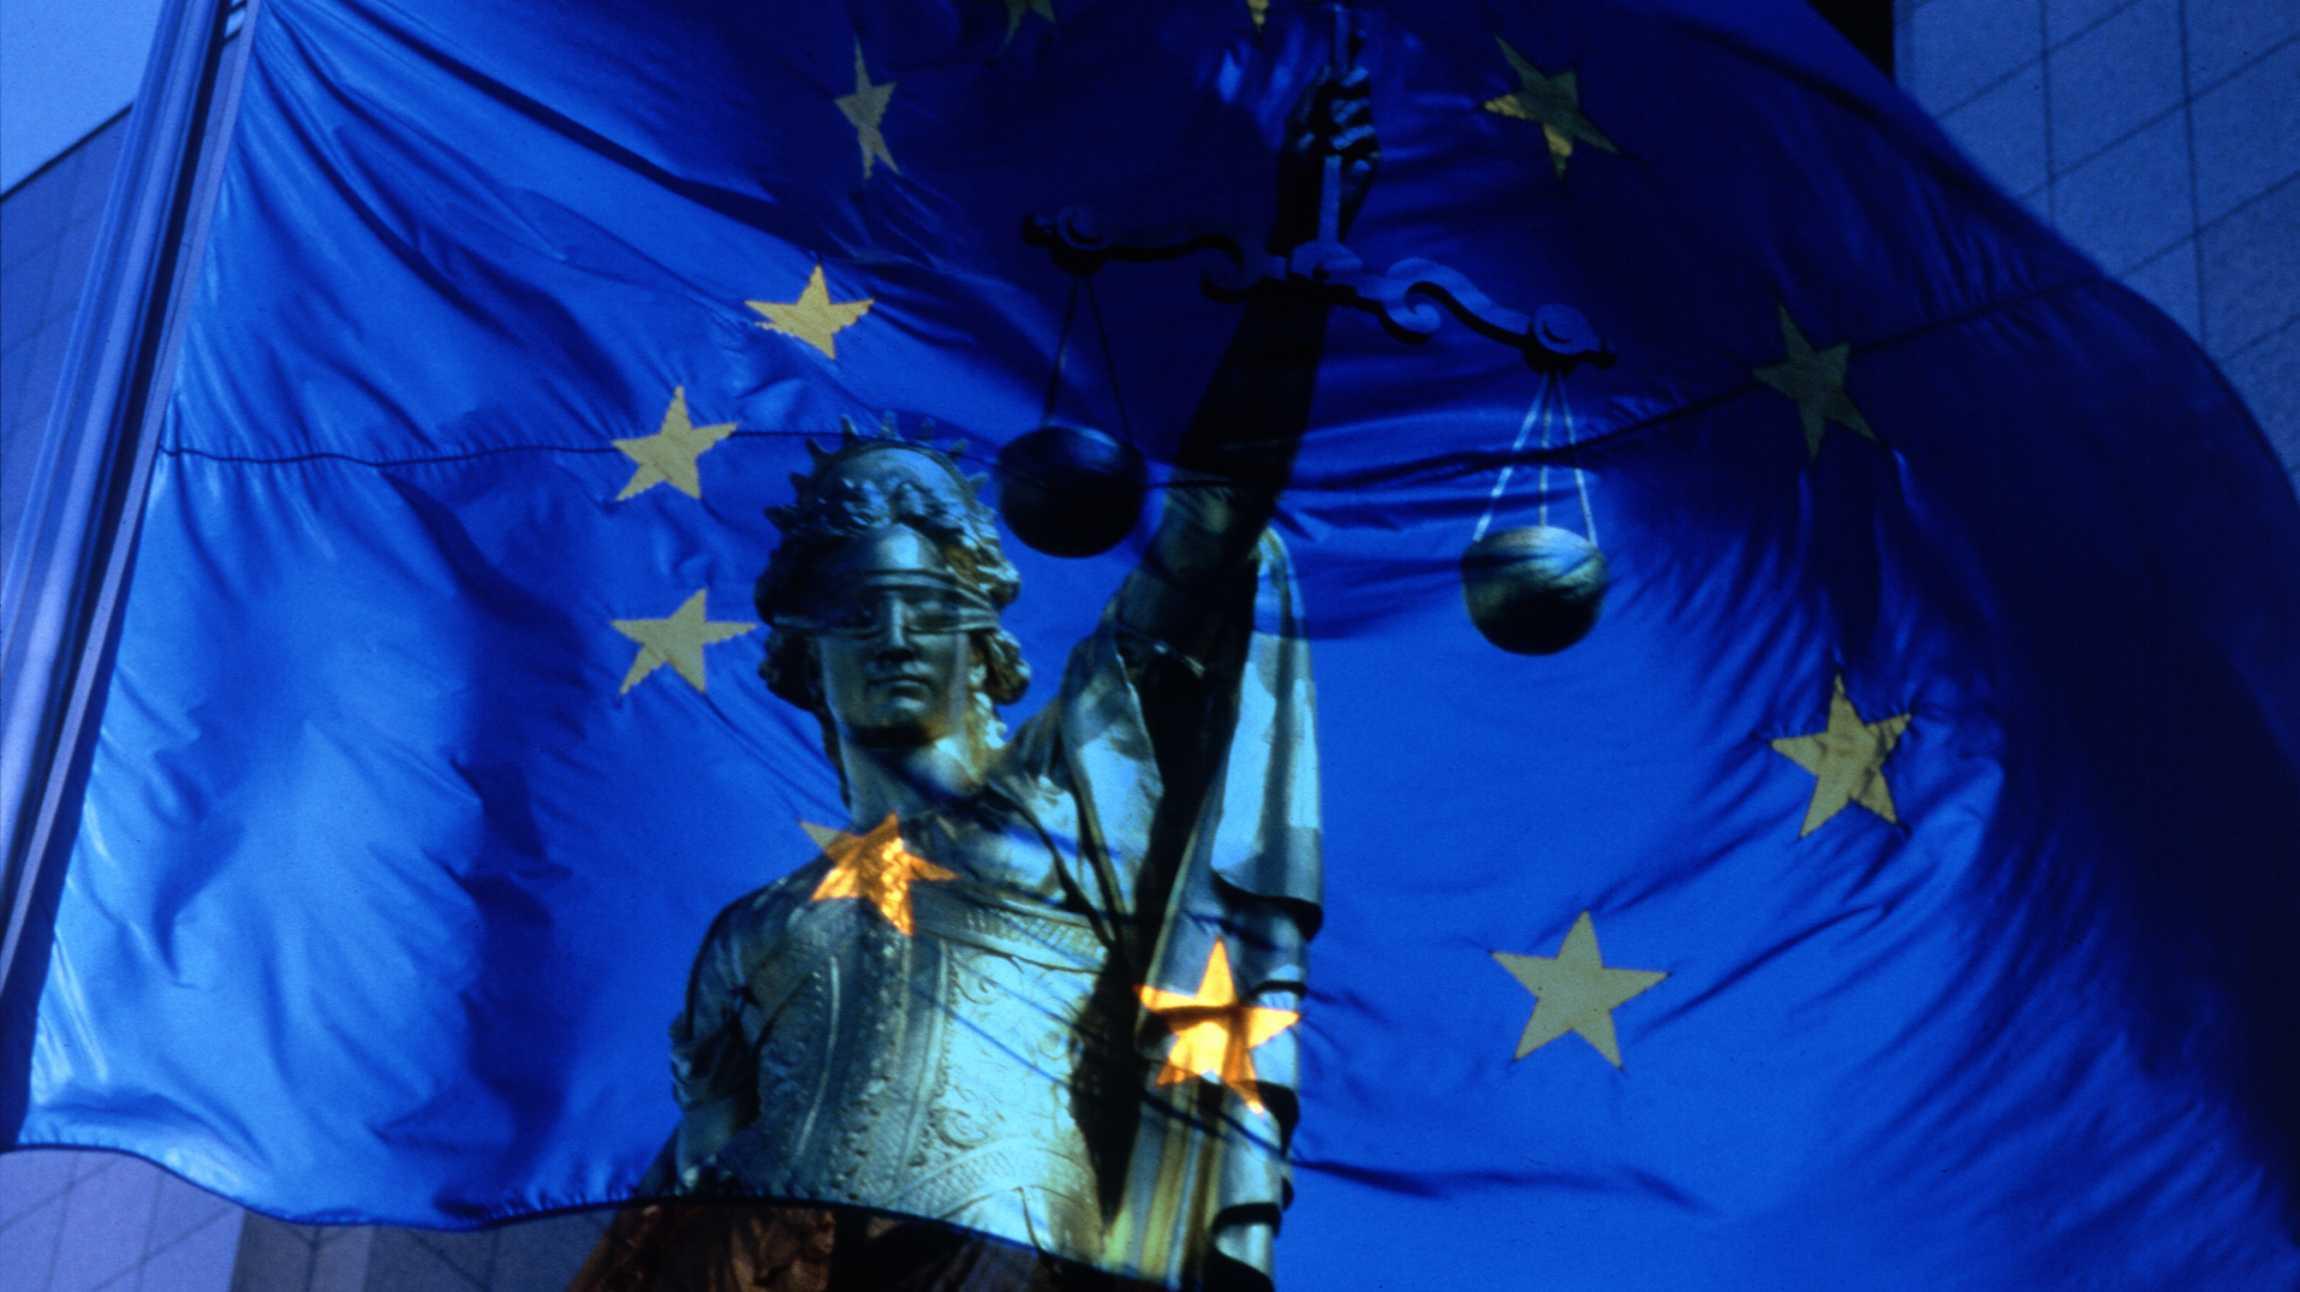 Überwachungstechnik: EU-Rat und Bundesregierung gegen strenge Exportregeln